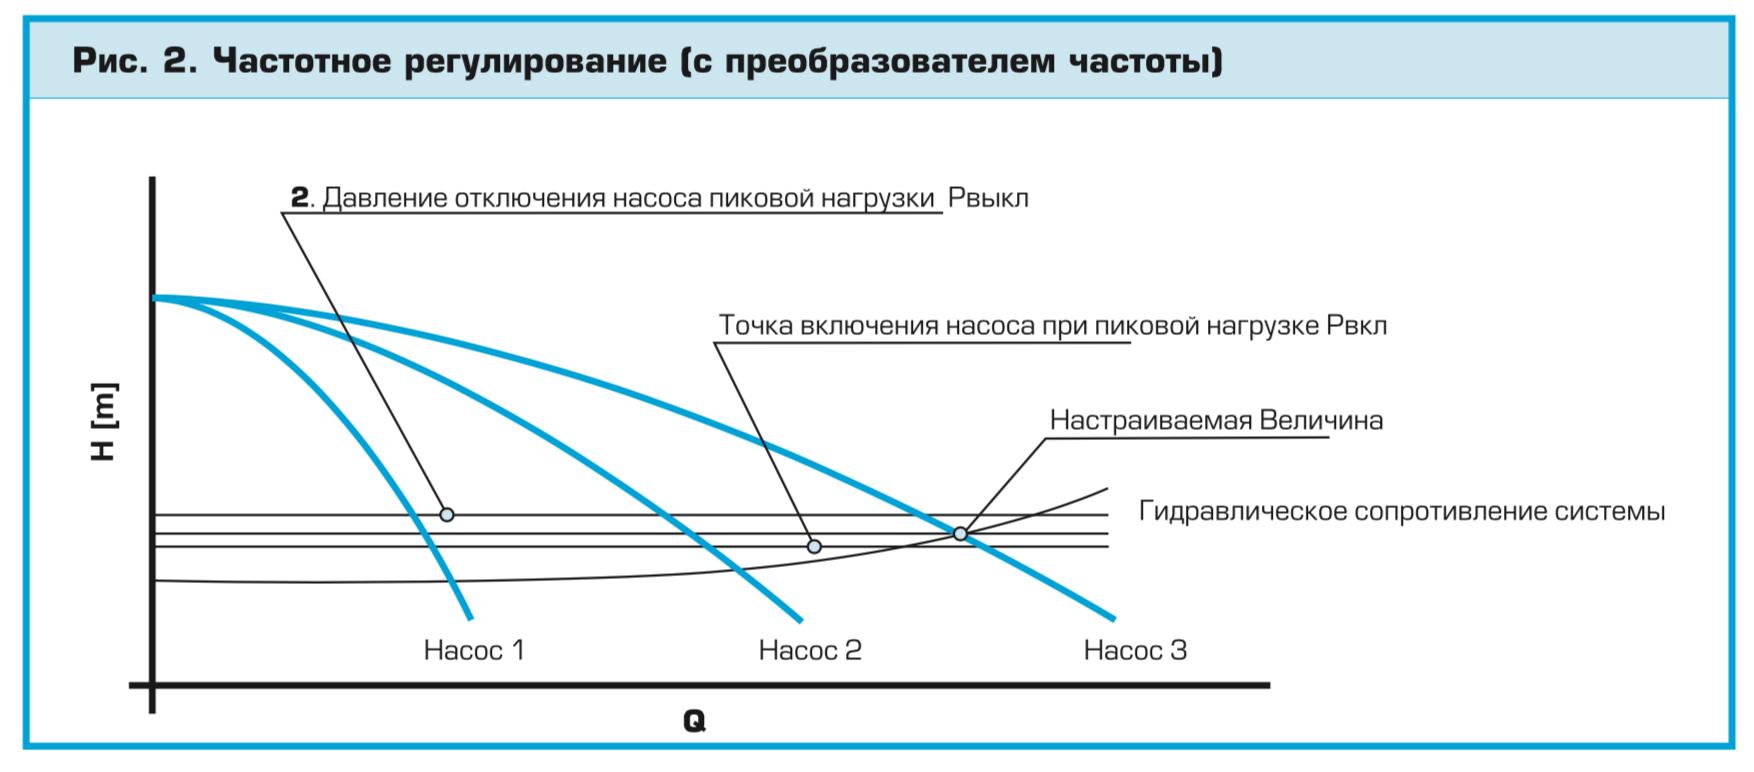 Частотное регулирование УПД